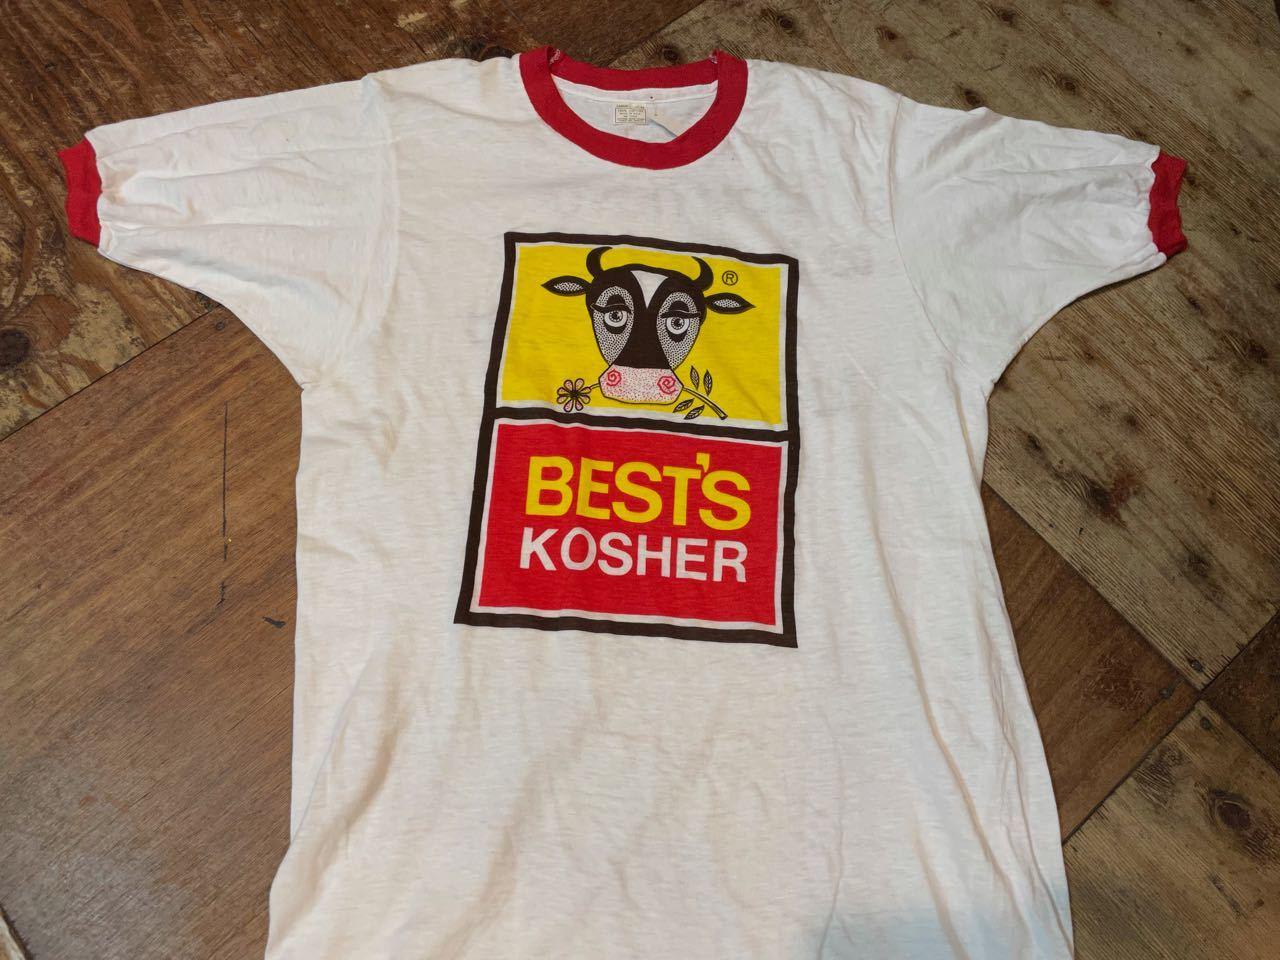 7月19日(月)入荷! デッドストック 70s all cotton  企業物 両面 染み込みプリント ビンテージ リンガーTシャツ!_c0144020_13382687.jpg